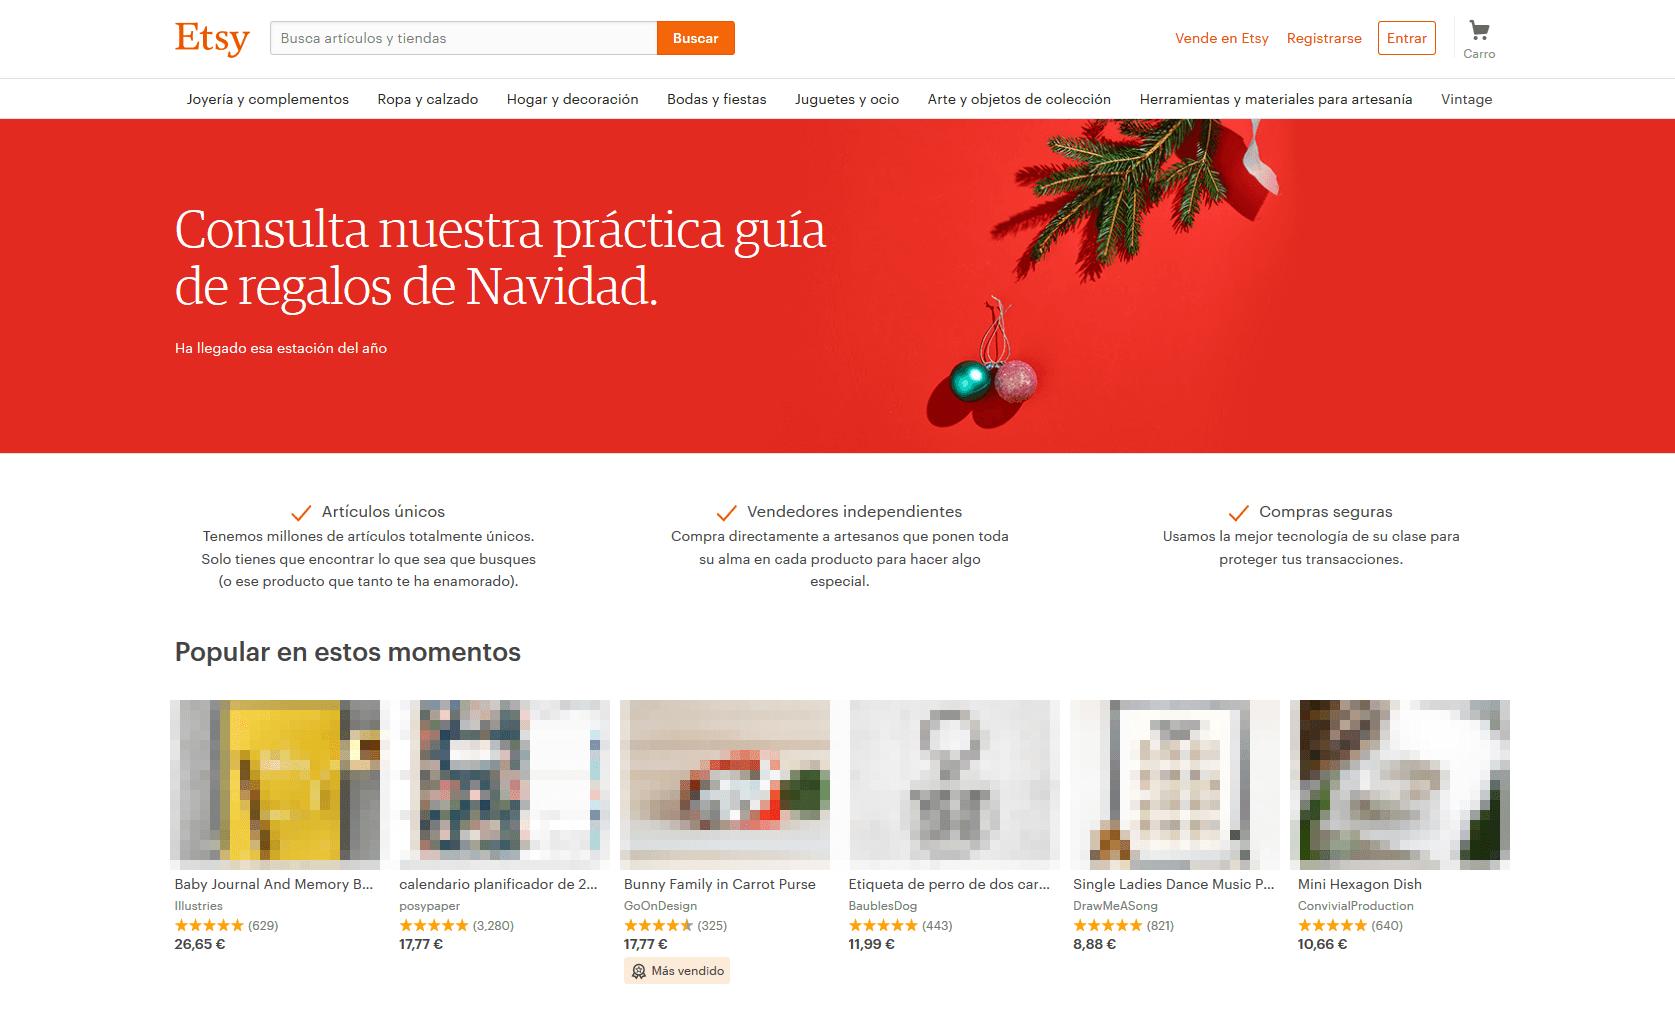 687bbb24111c Plataformas de venta online: Las 6 mejores páginas de venta online ...